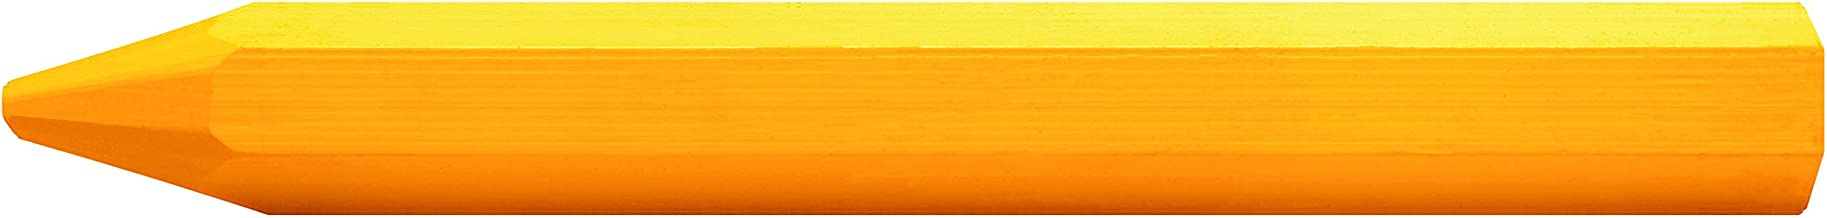 t/ôle//verre//c/éramique 175 mm Blanc Stubai 444104 Crayon /à marquer